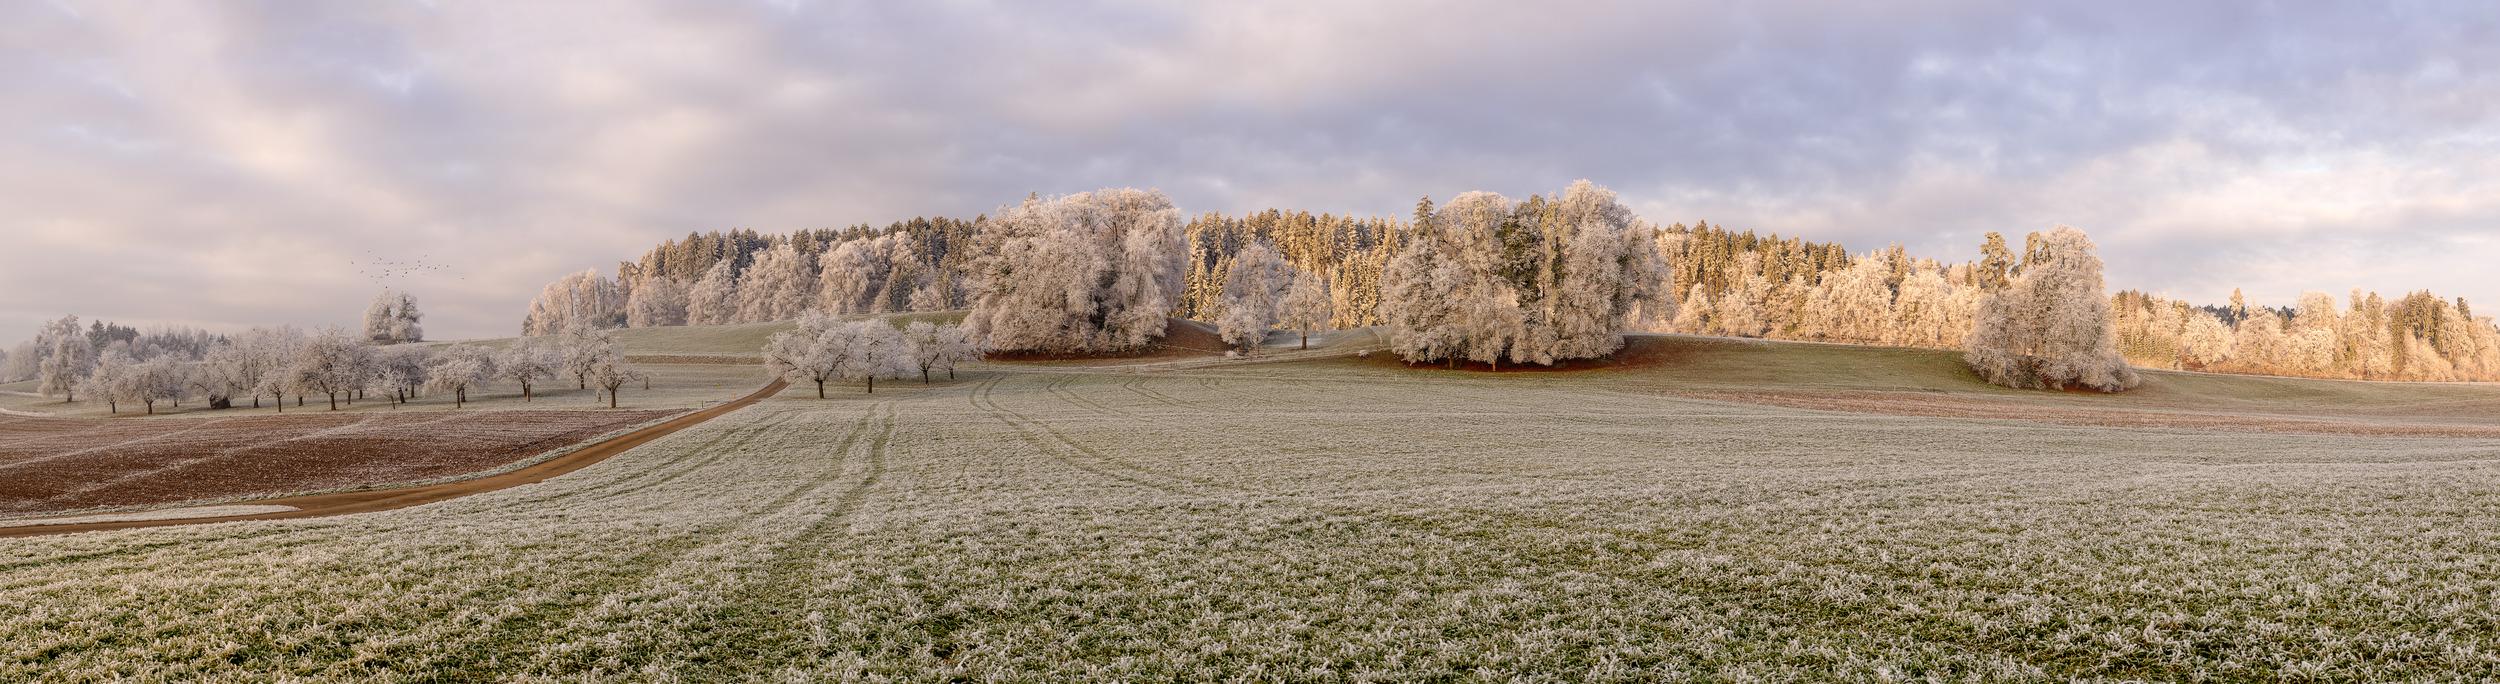 FROSTIGER MORGEN - Schöne Landschaft Bilder kaufen | Stimmungs Foto als Fineart by Stefan Somogyi Fotografie